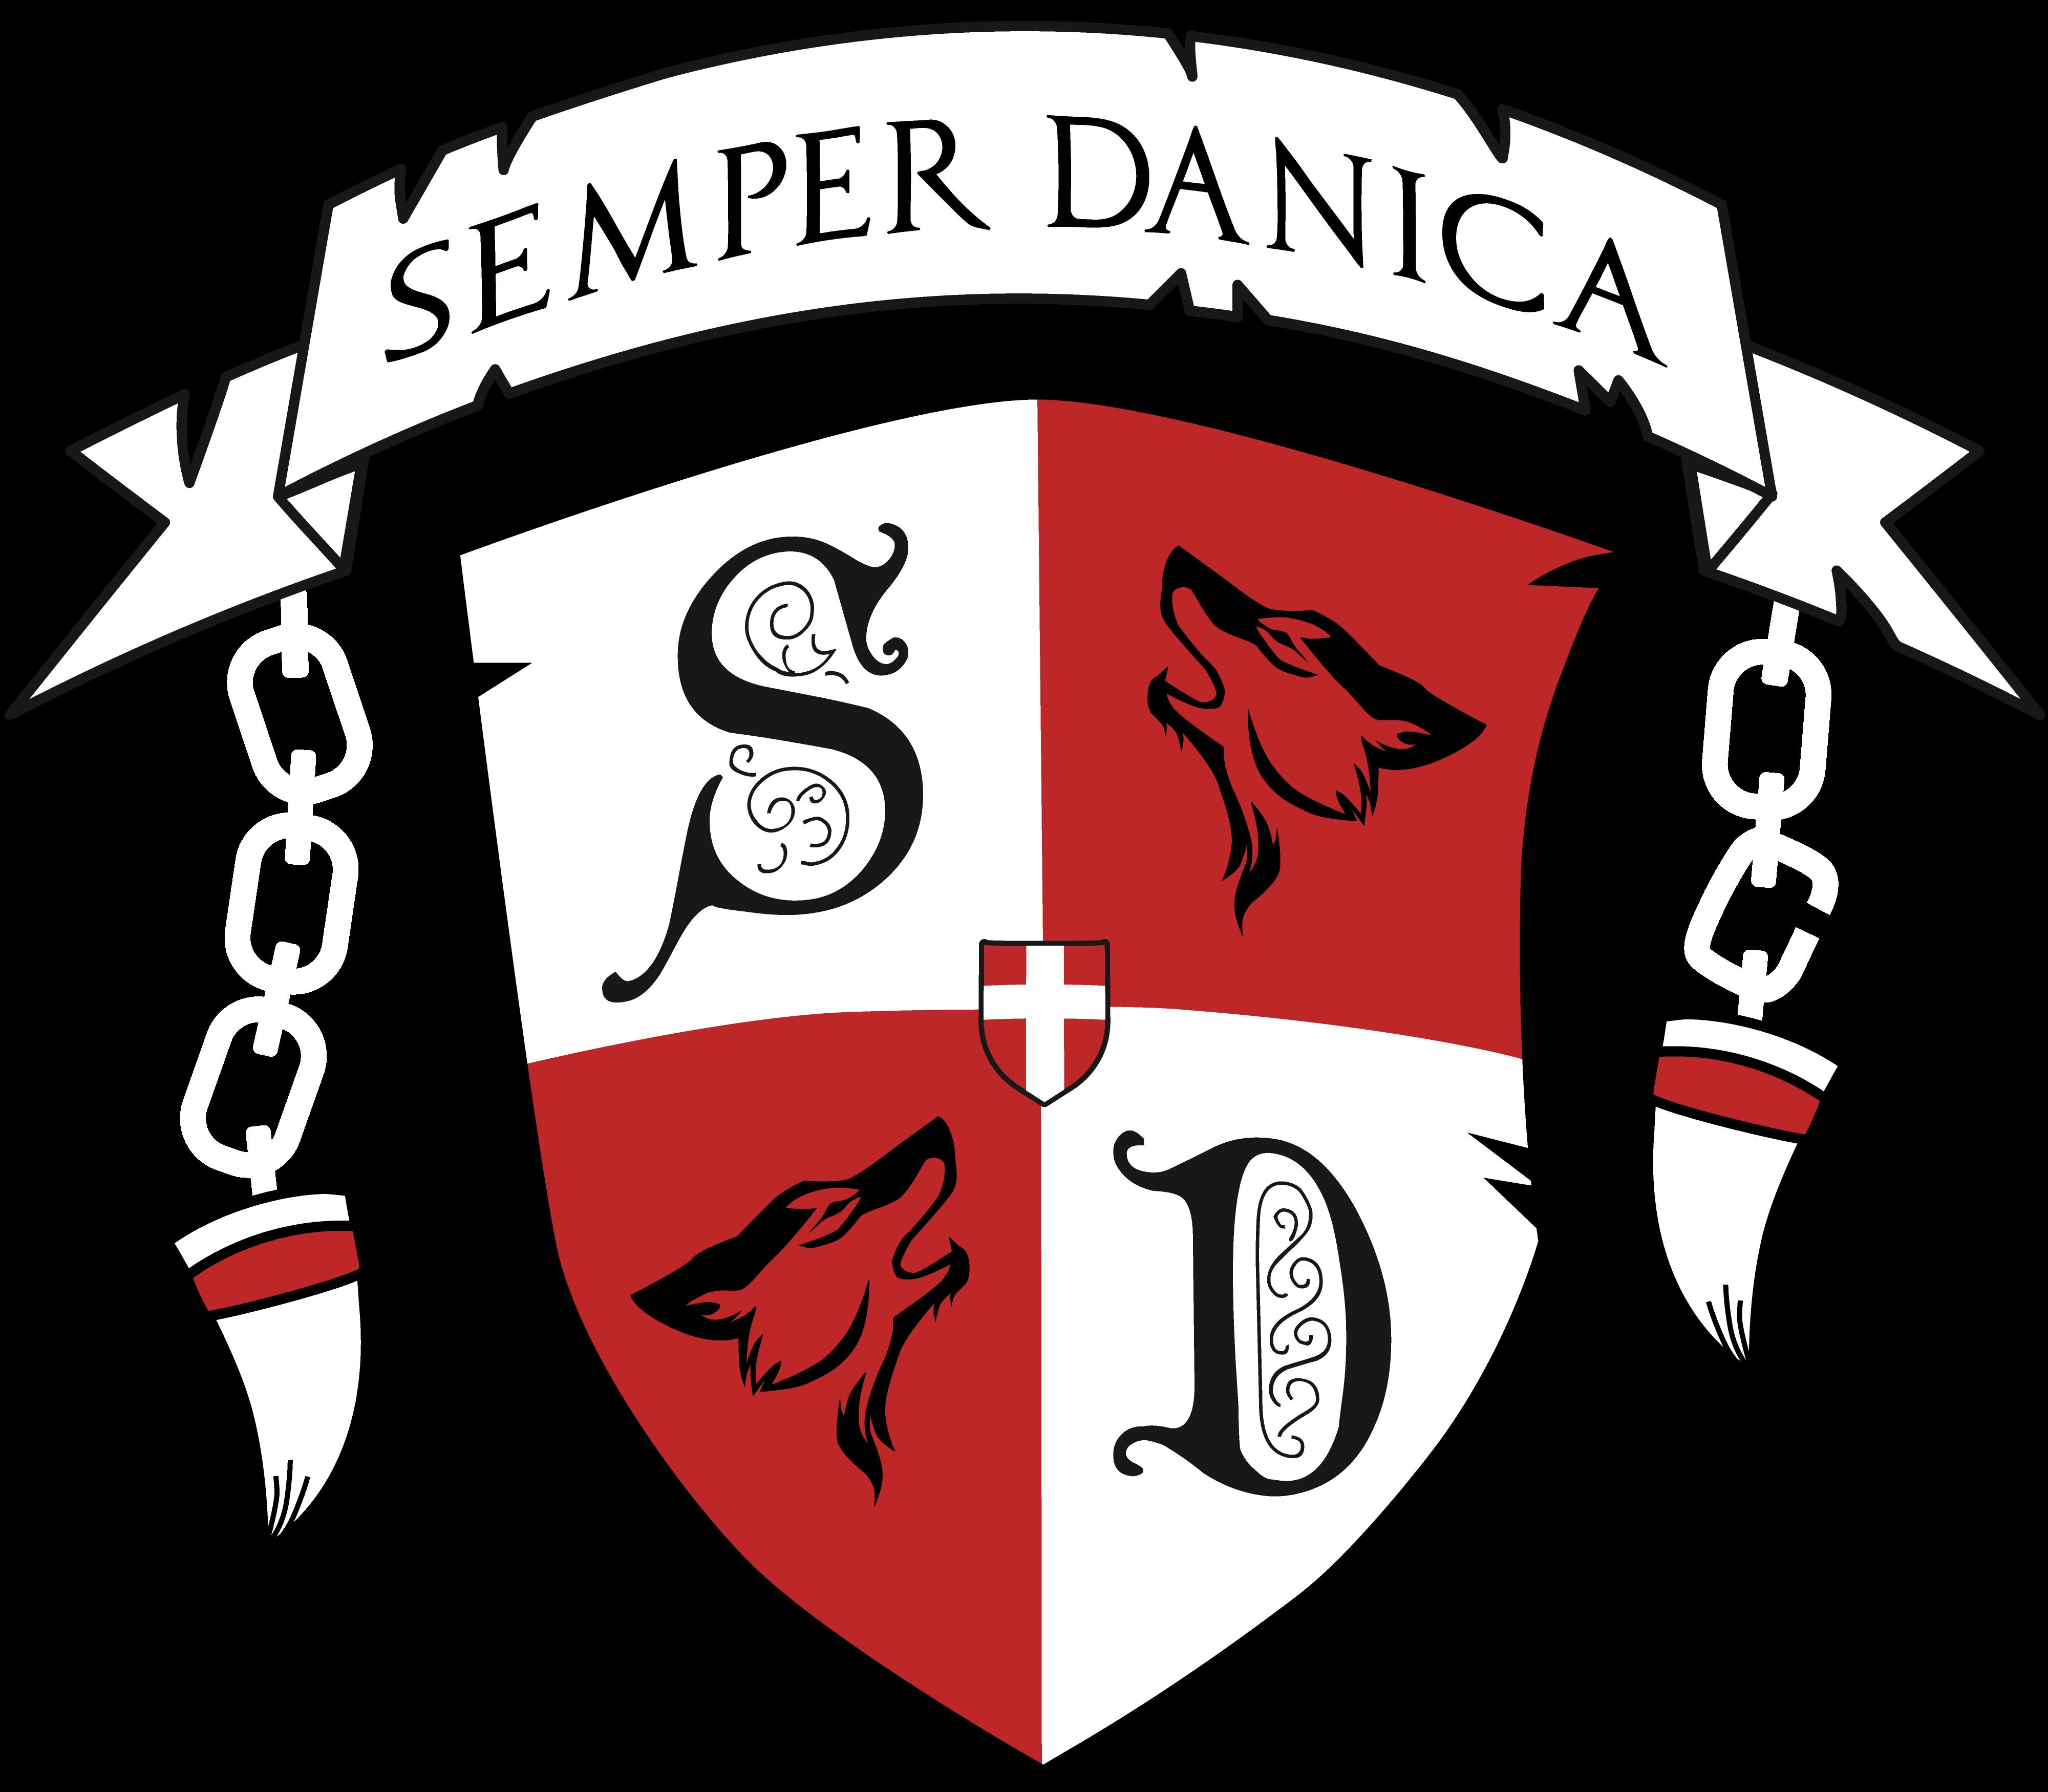 Semper Danica